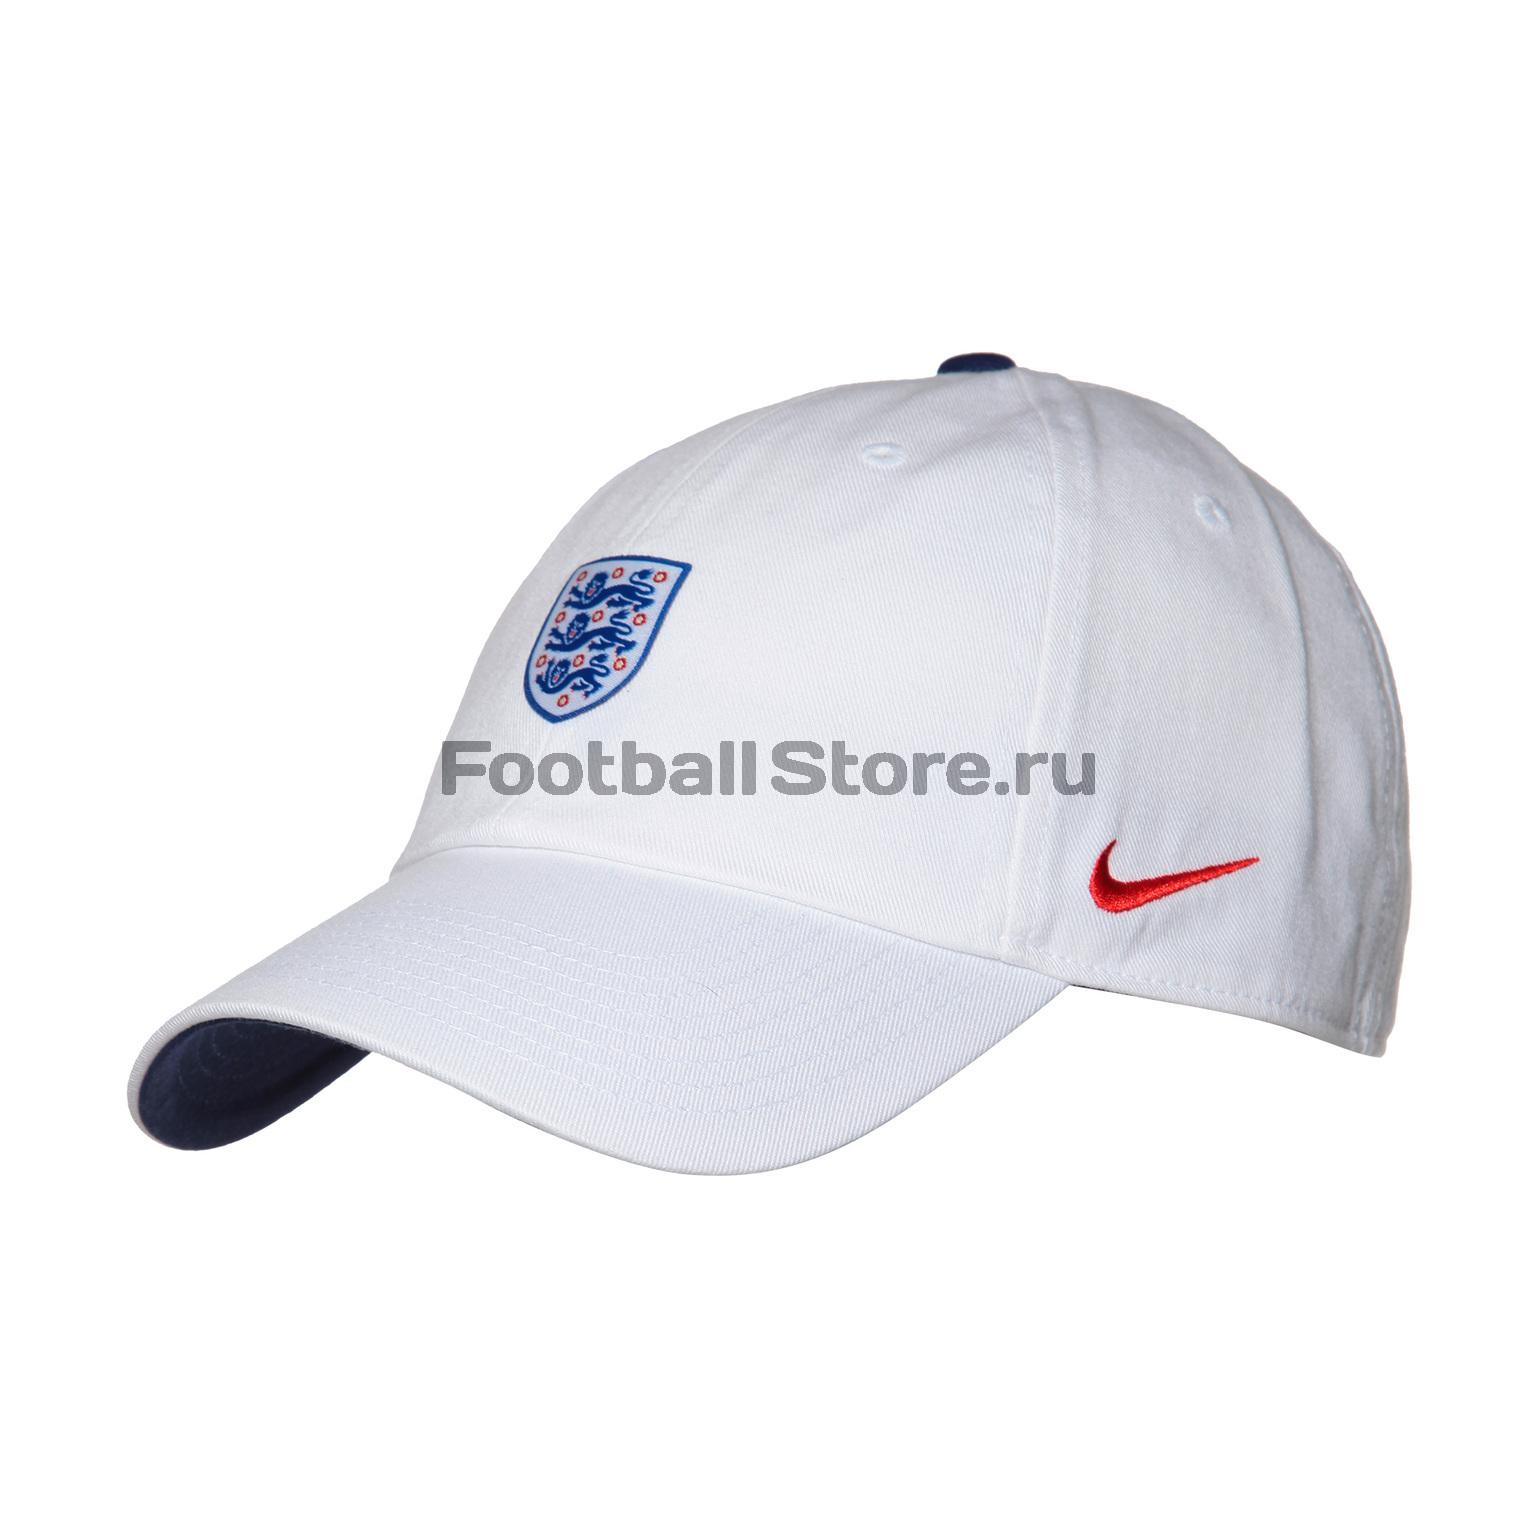 Бейсболка Nike England Cap 881712-101 цена